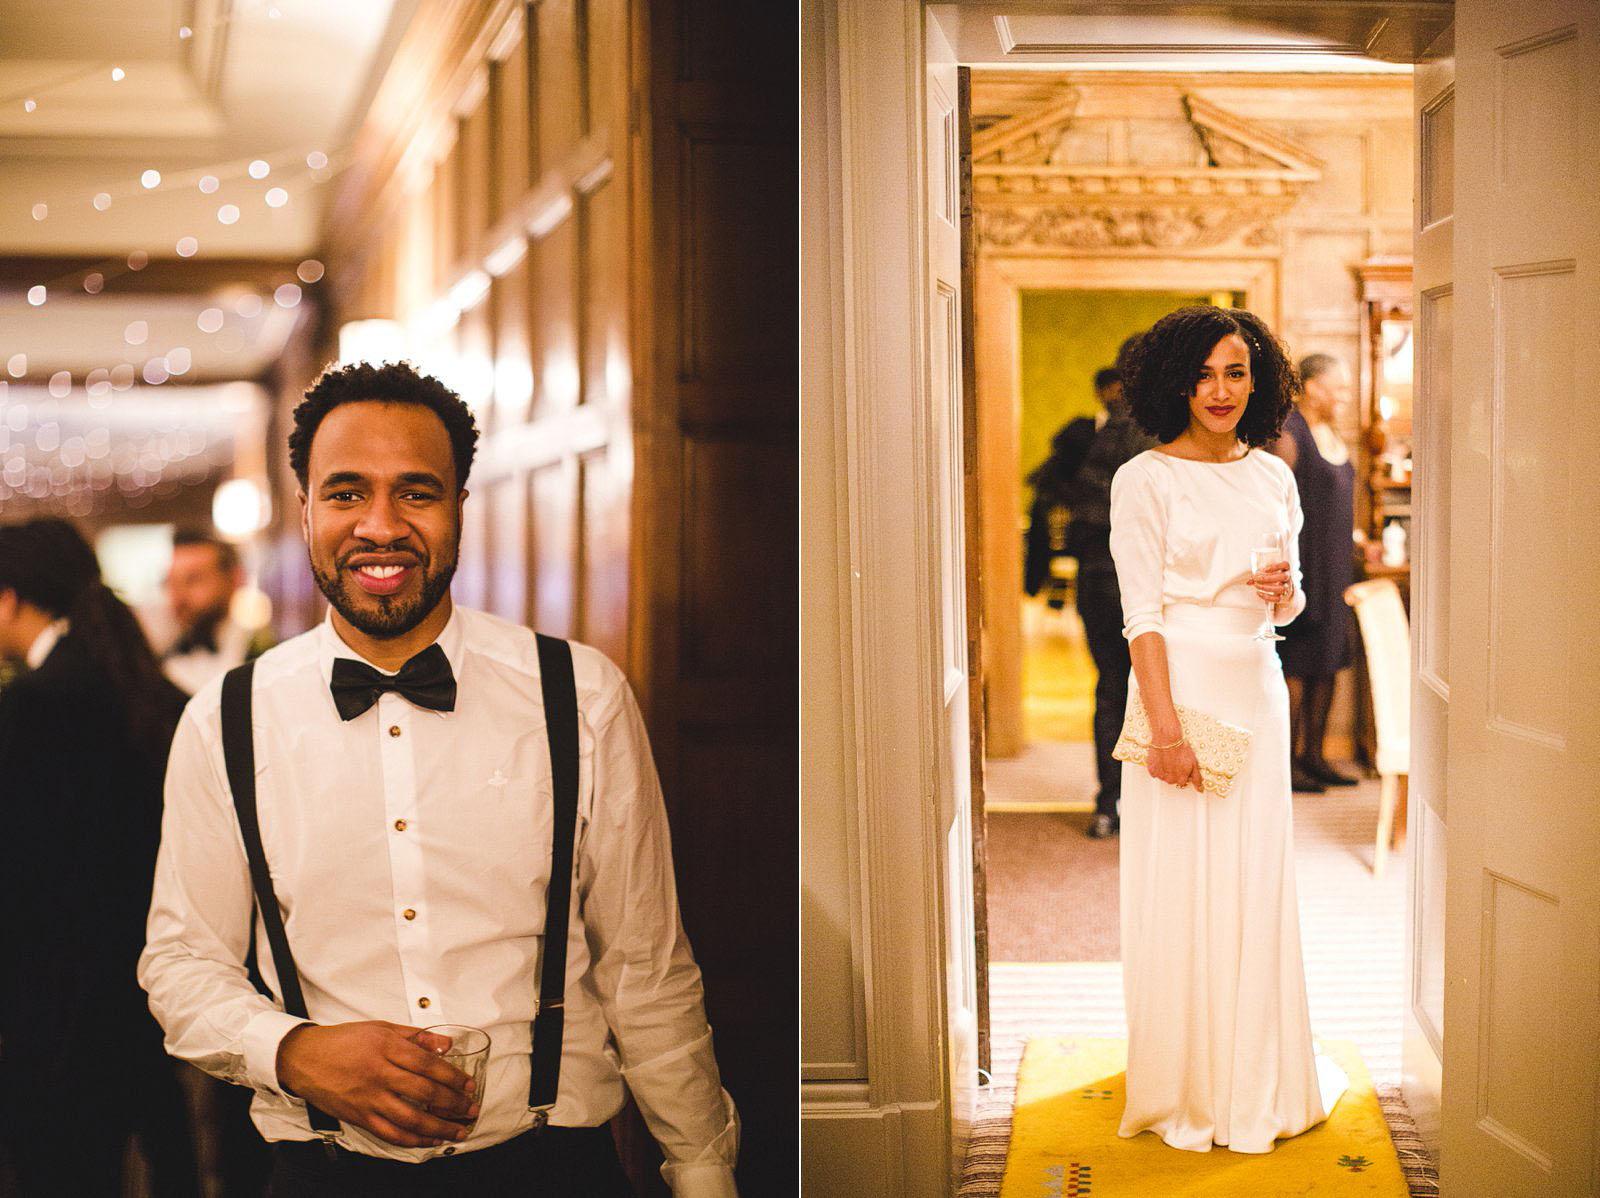 stylish wedding couple